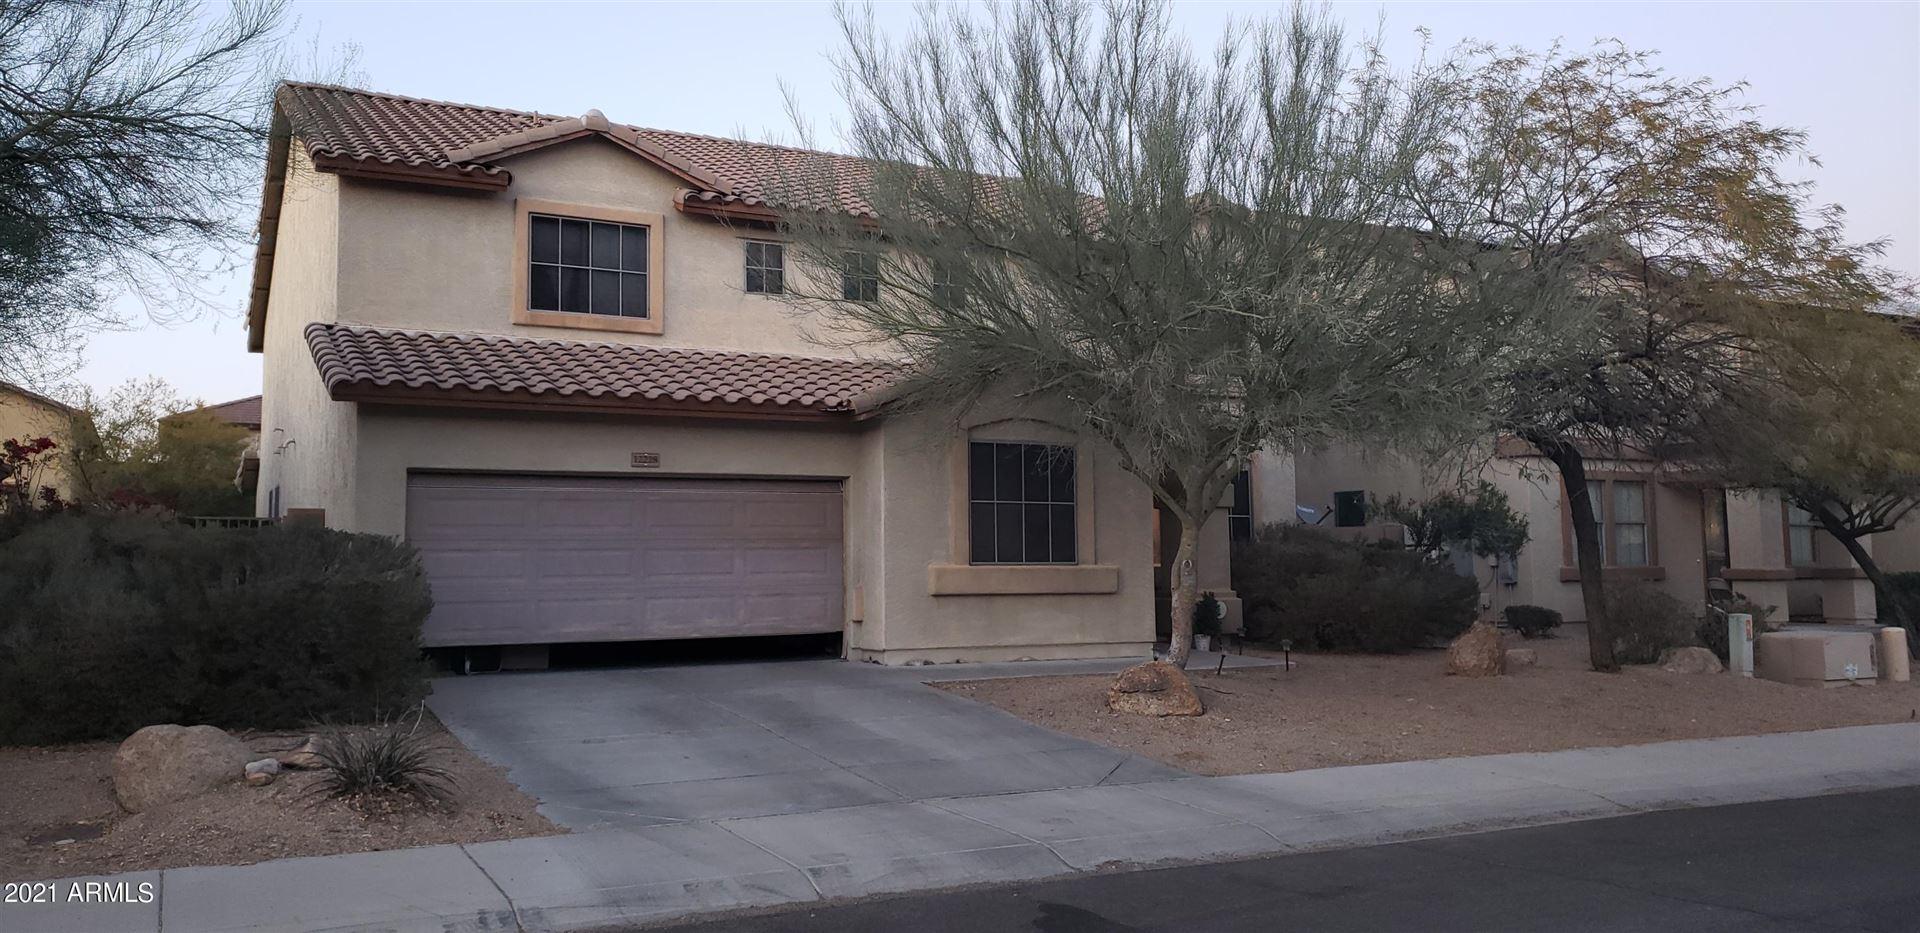 Photo of 12228 W JESSIE Court, Sun City, AZ 85373 (MLS # 6198594)